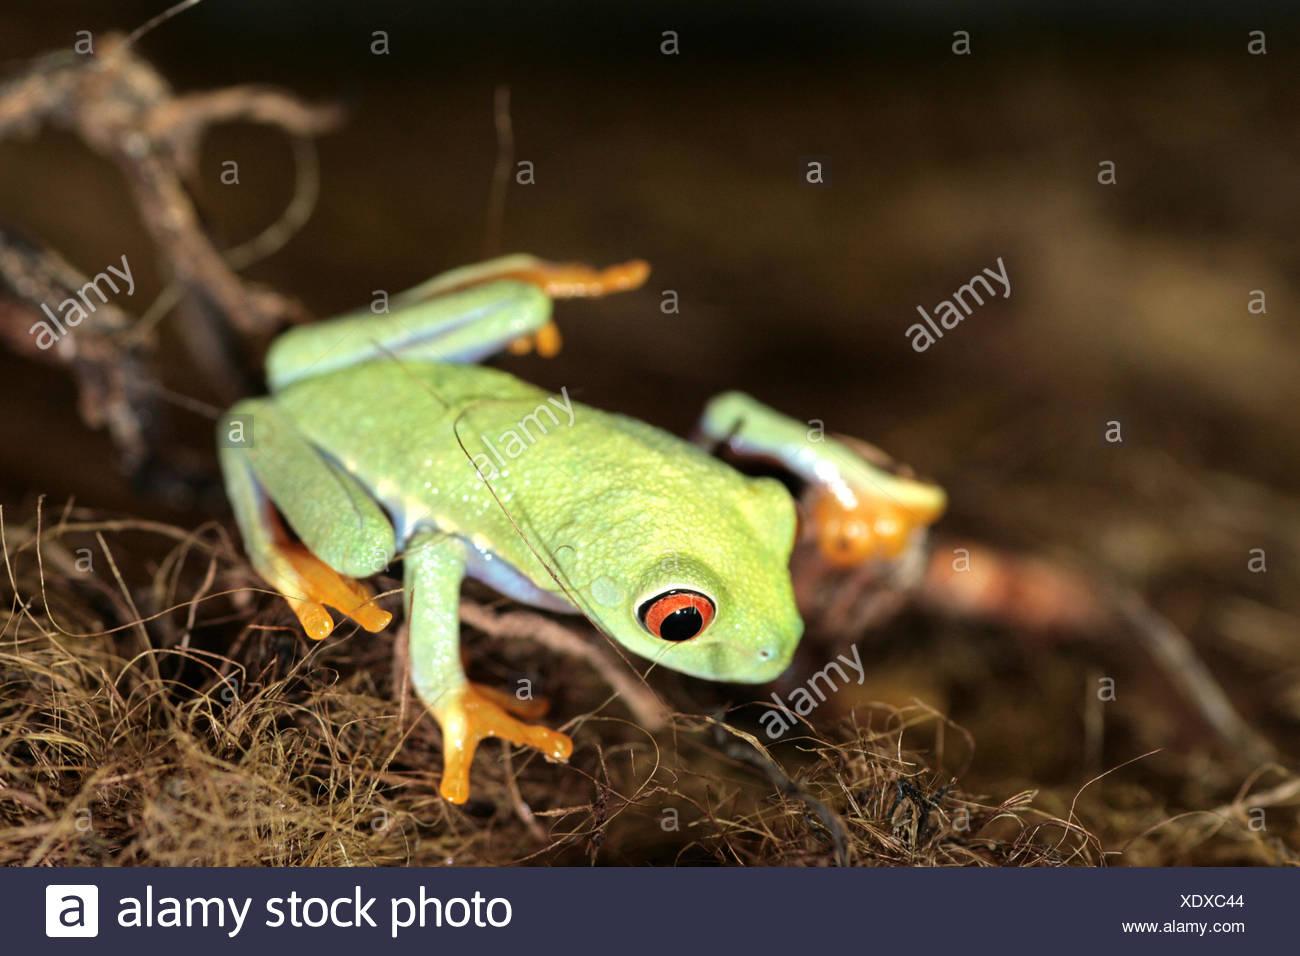 farbige bunte wunderschöne vielfältige farbenprächtige Frosch Kröte ...